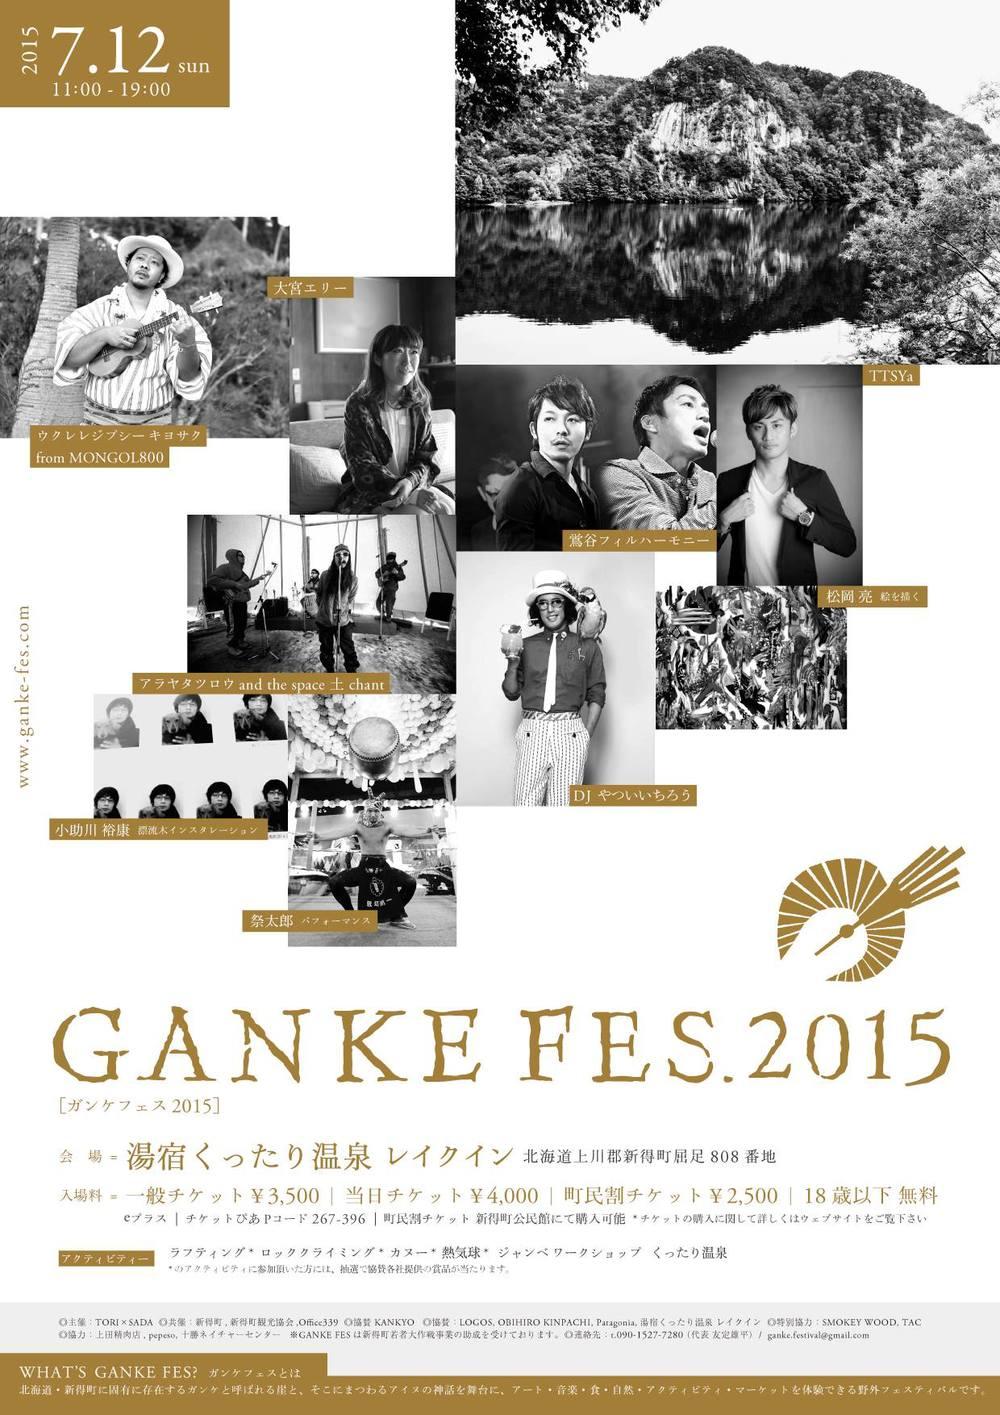 GANKEFES2015f.jpg